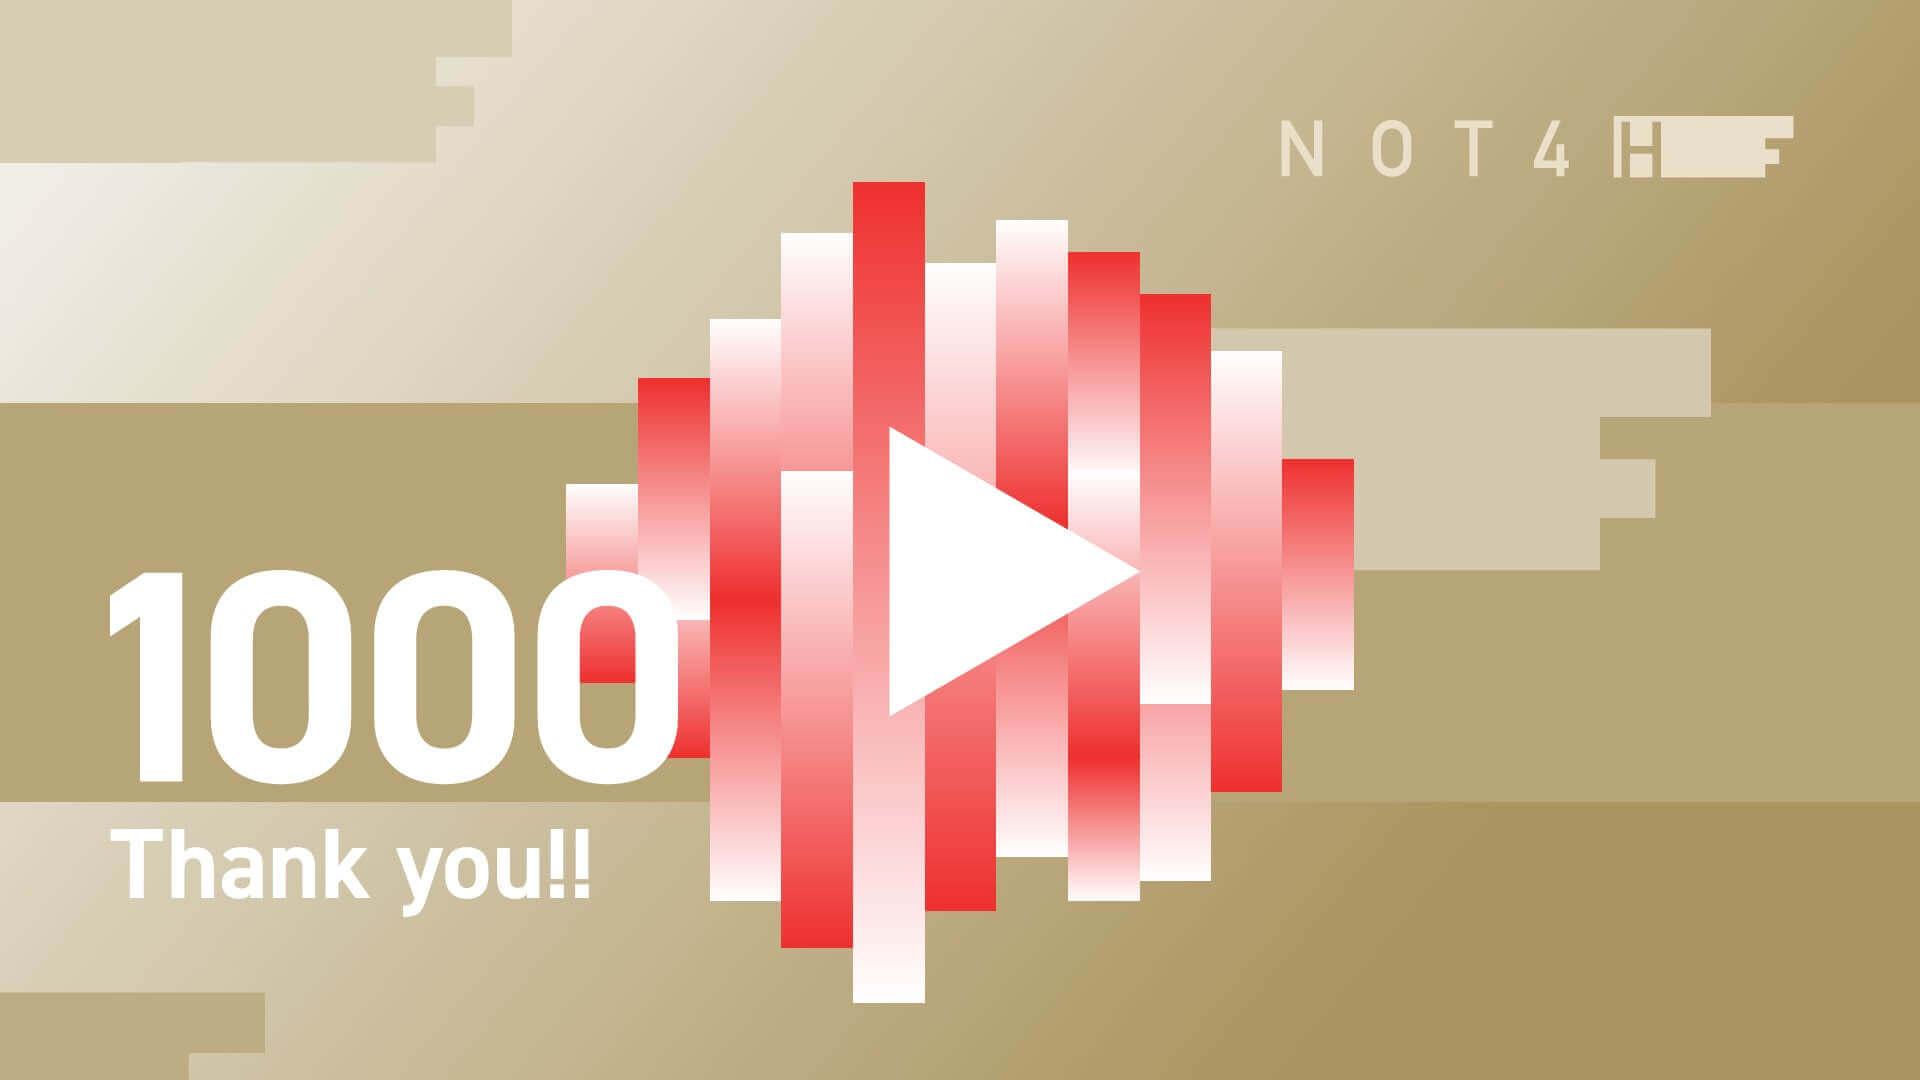 YouTubeで動画を配信してたらチャンネル登録者数が1000人になった!